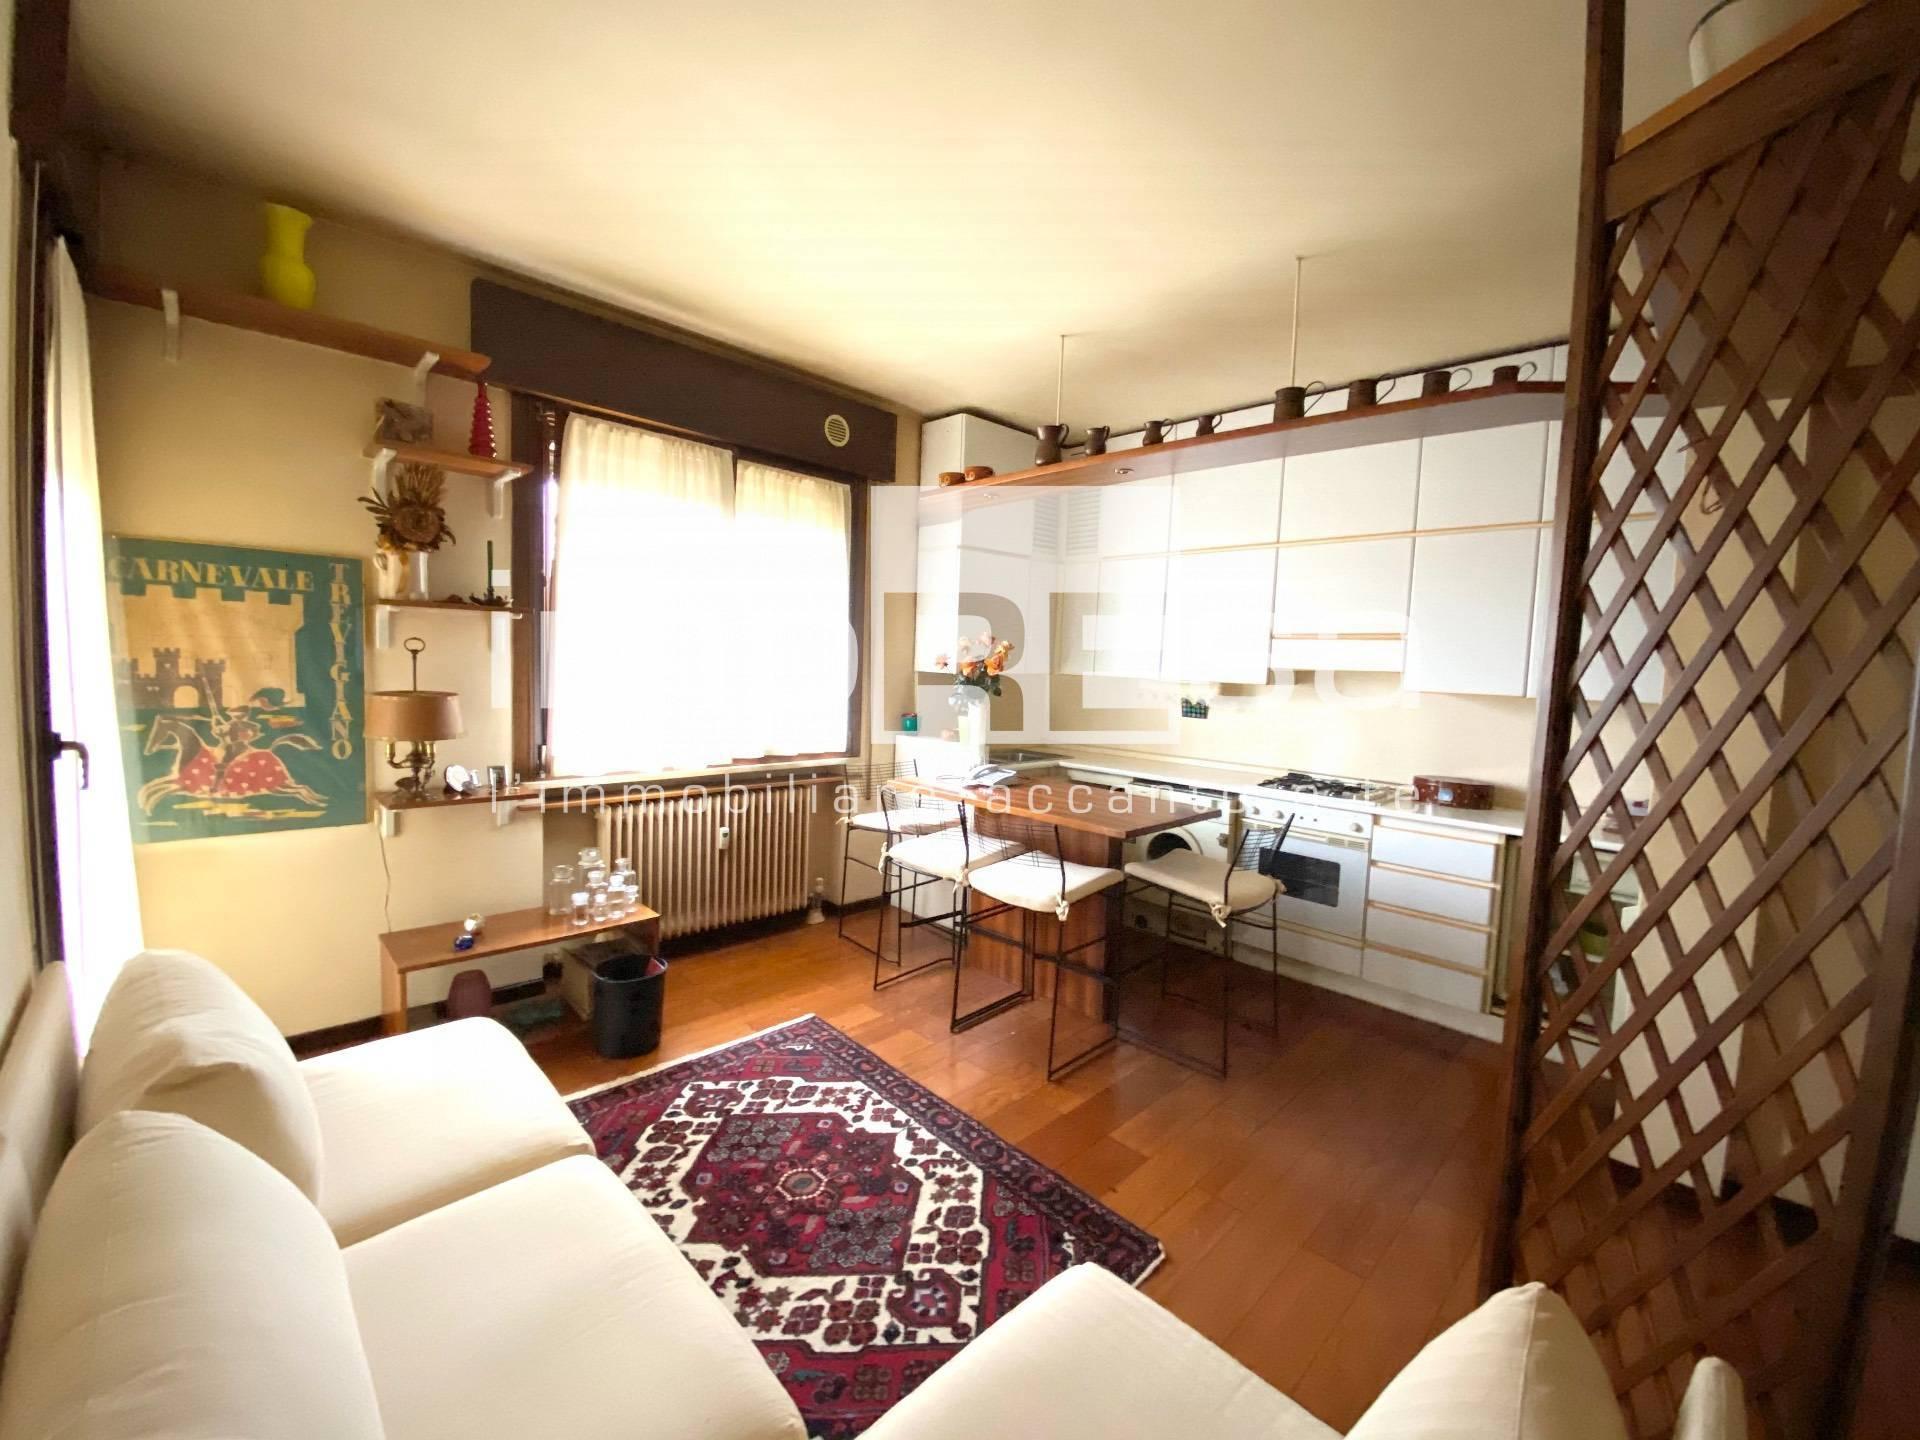 Case e appartamenti in affitto a Treviso - Cambiocasa.it